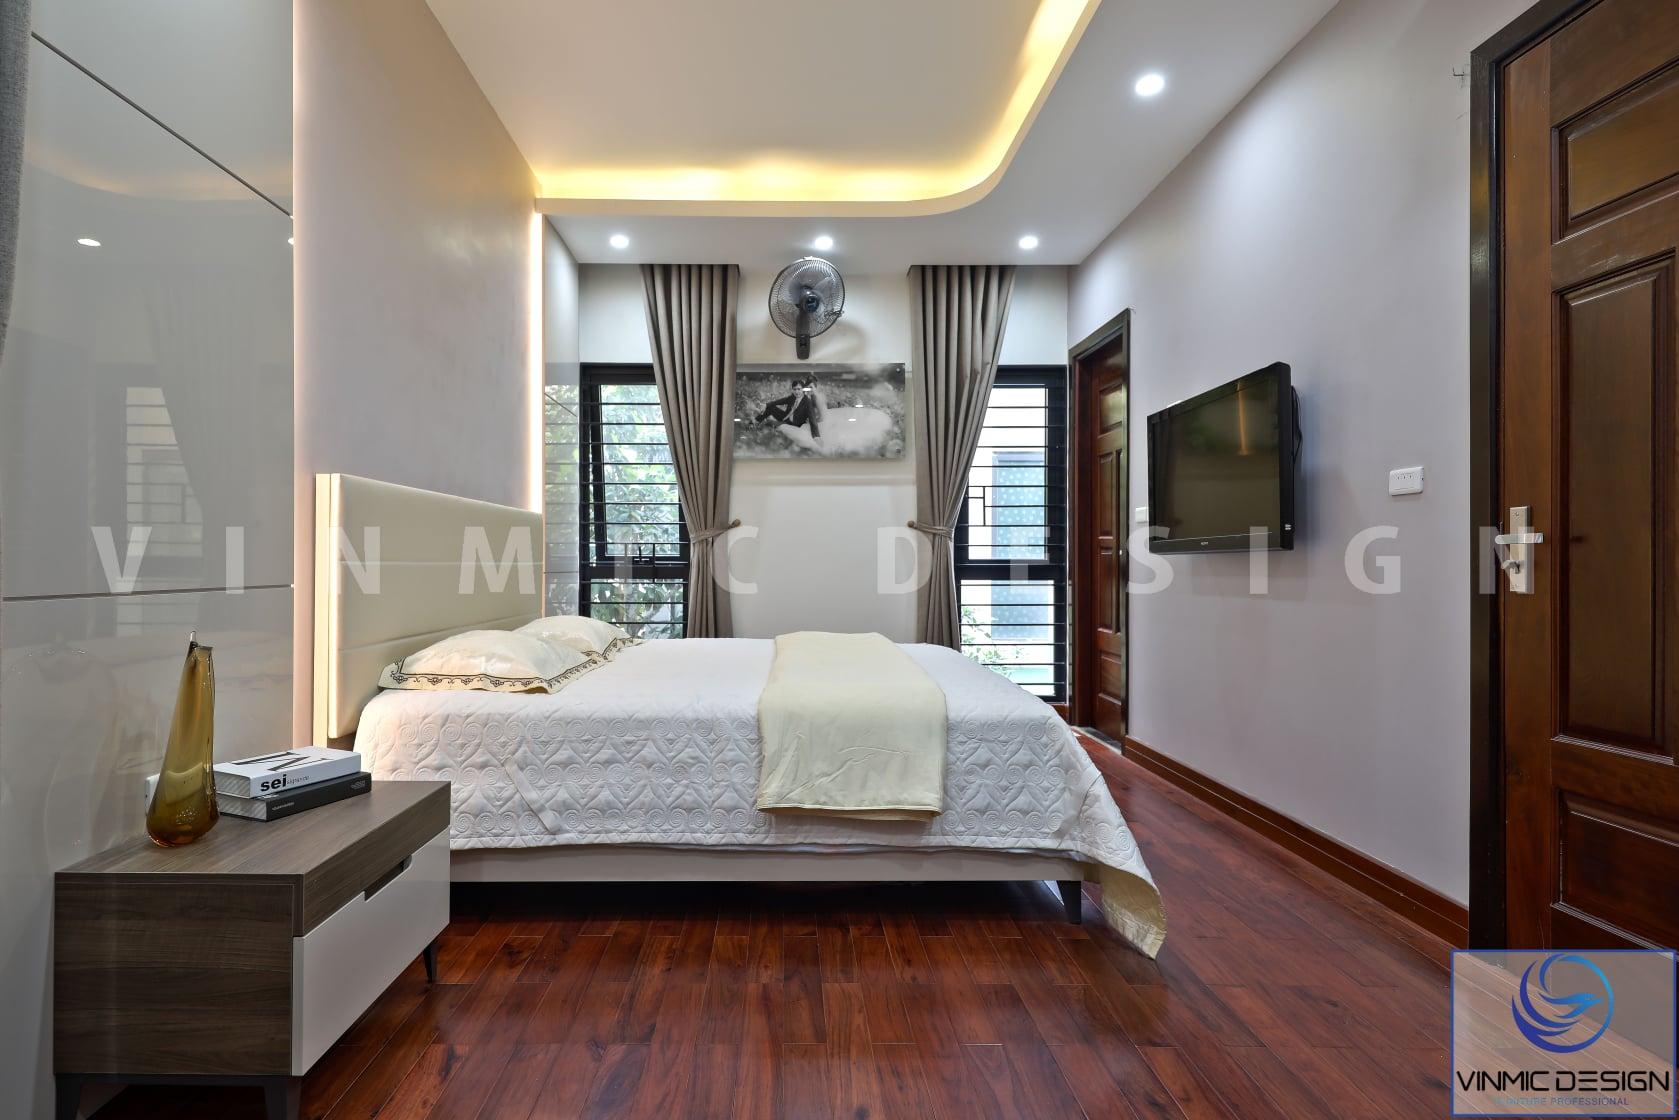 Thi công phòng ngủ đẹp cho nhà phố 4 tầng tại Hải Phòng